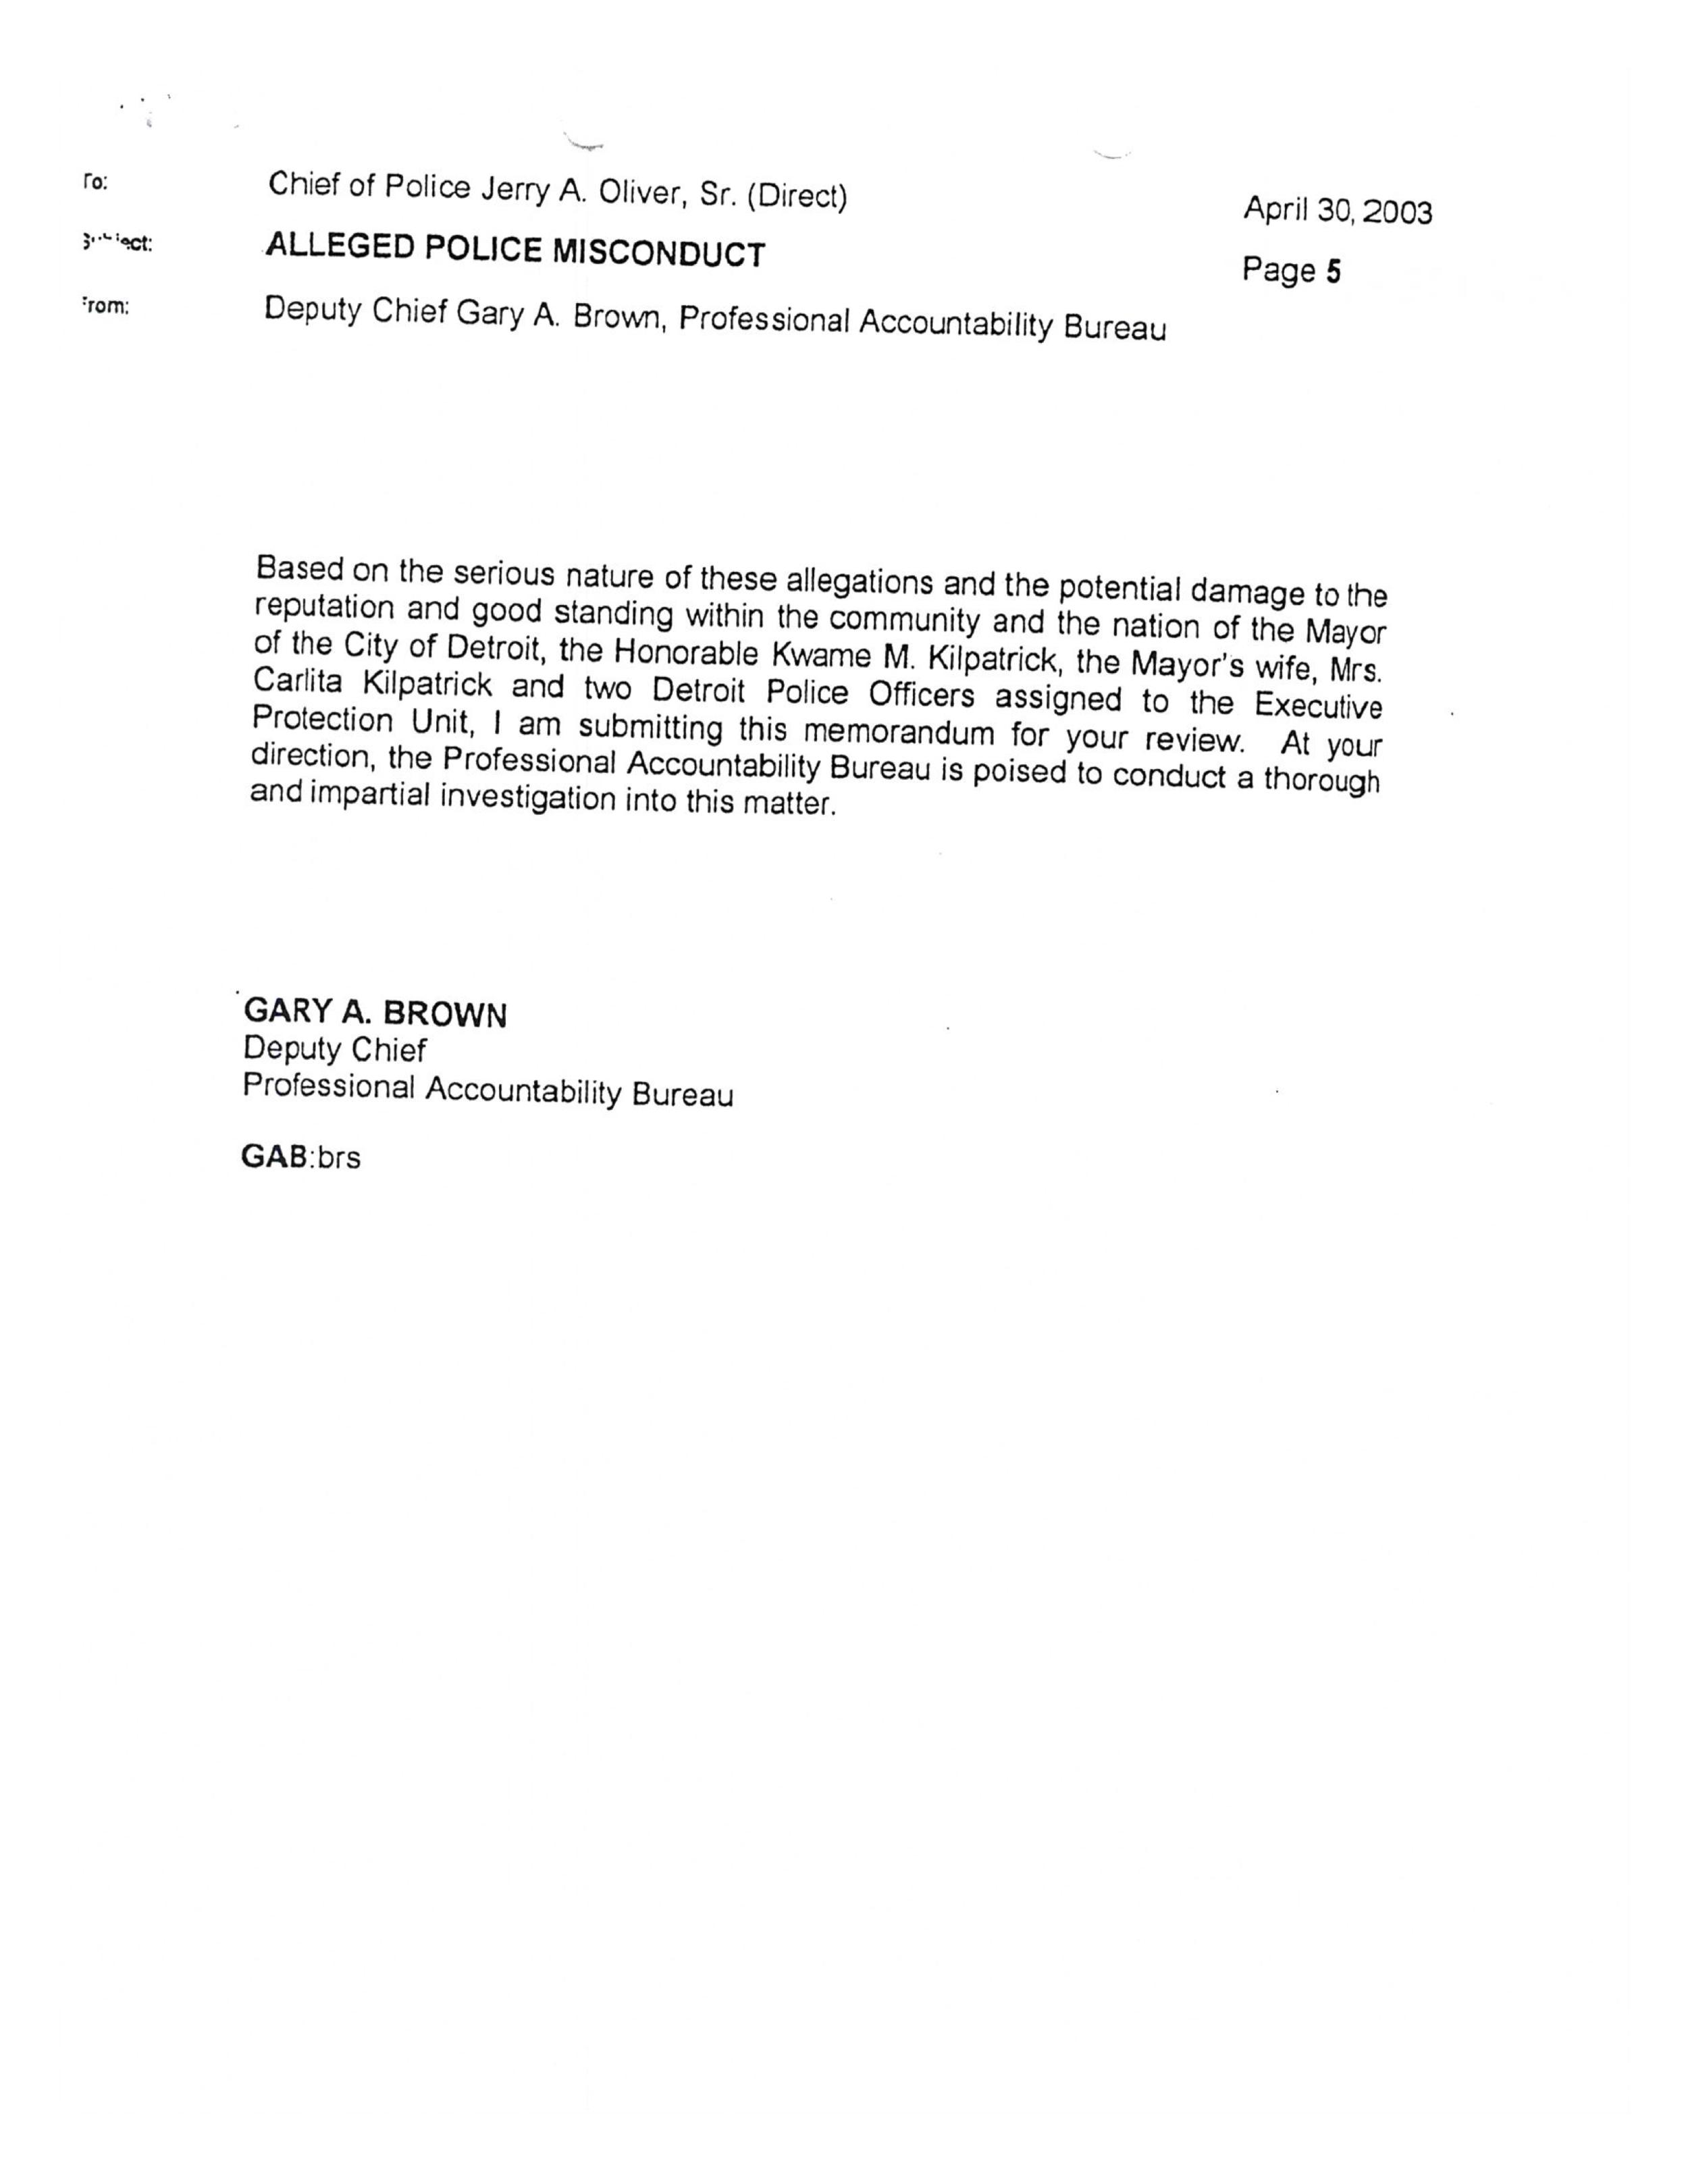 Kilpatrick Civil Suit Files_8.png